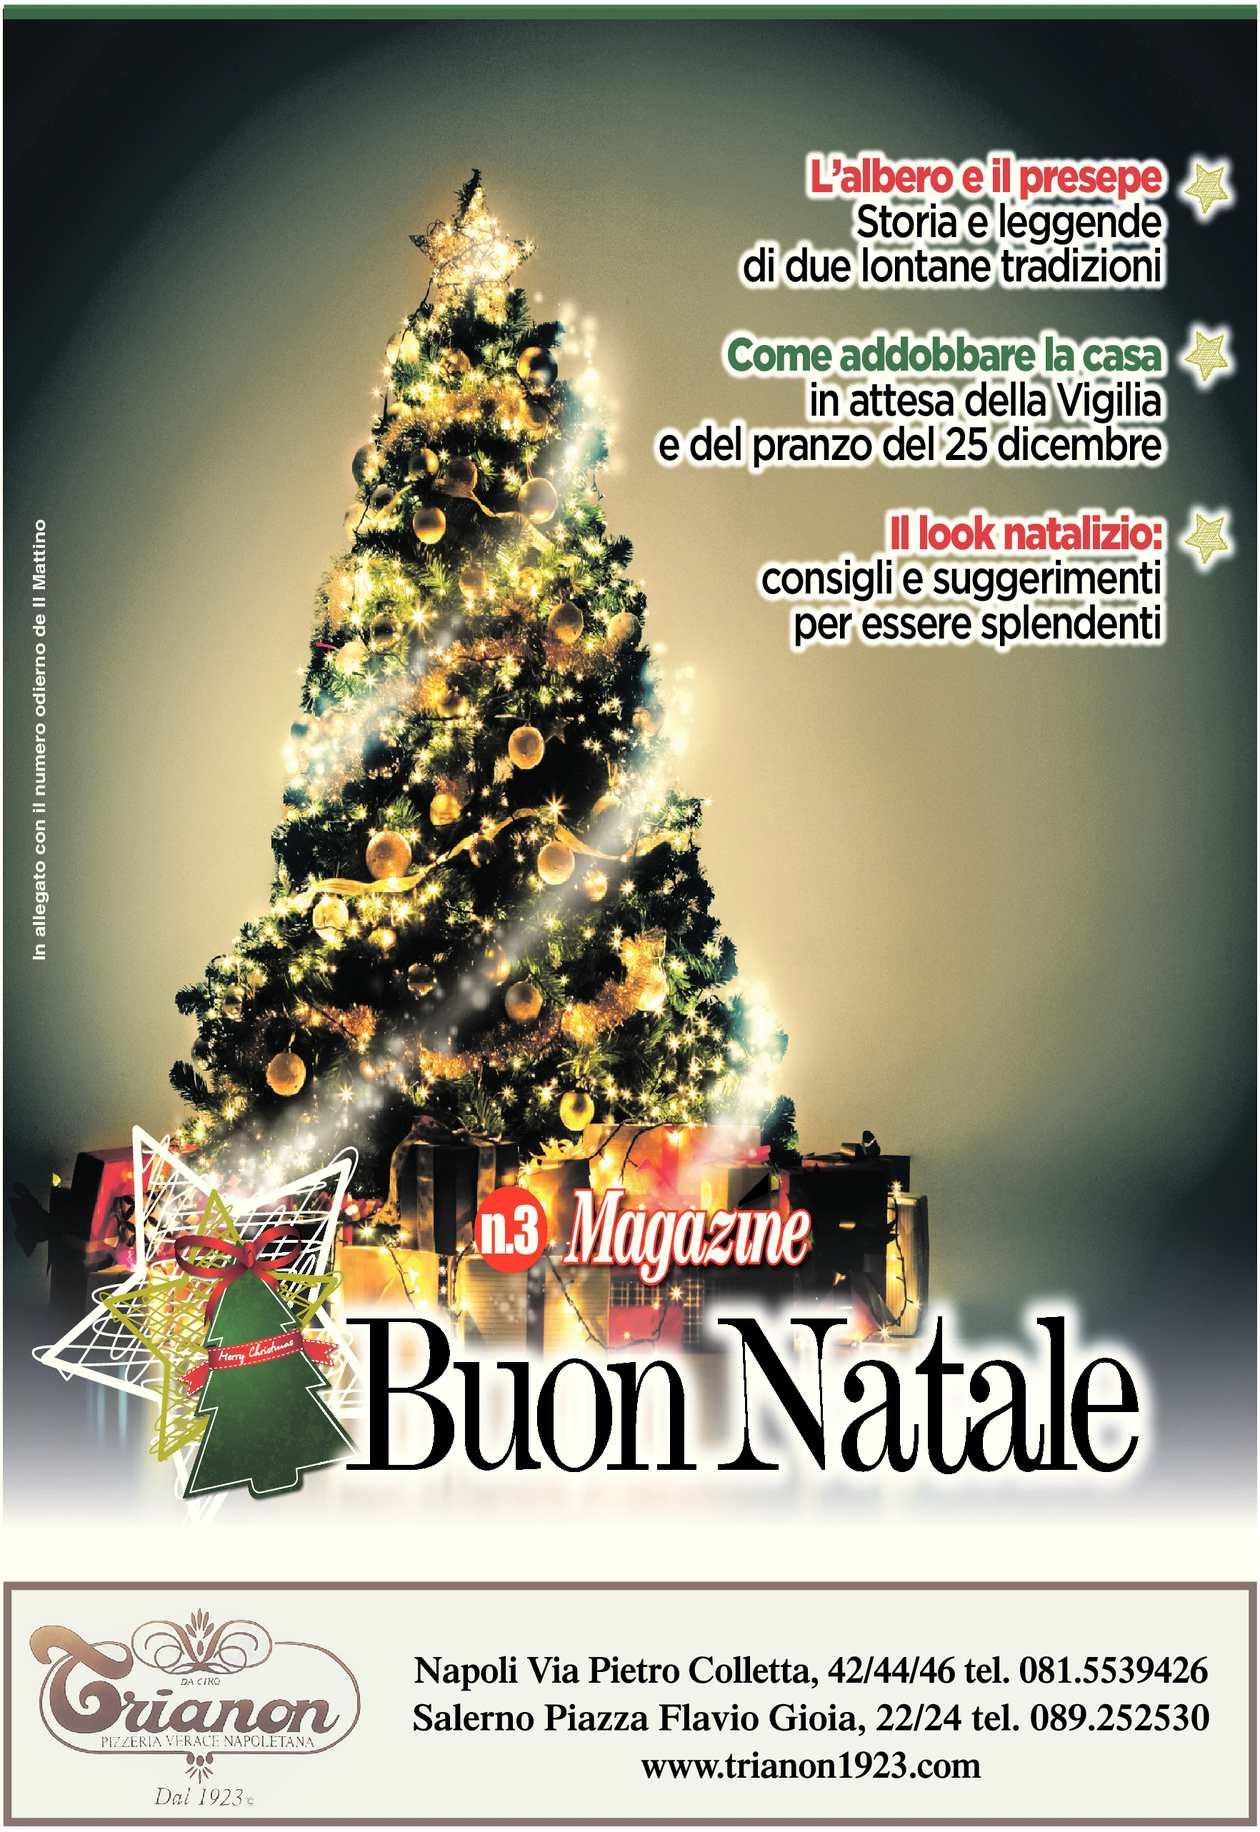 Buon Natale Cugini.Calameo Magazine 3 Buon Natale